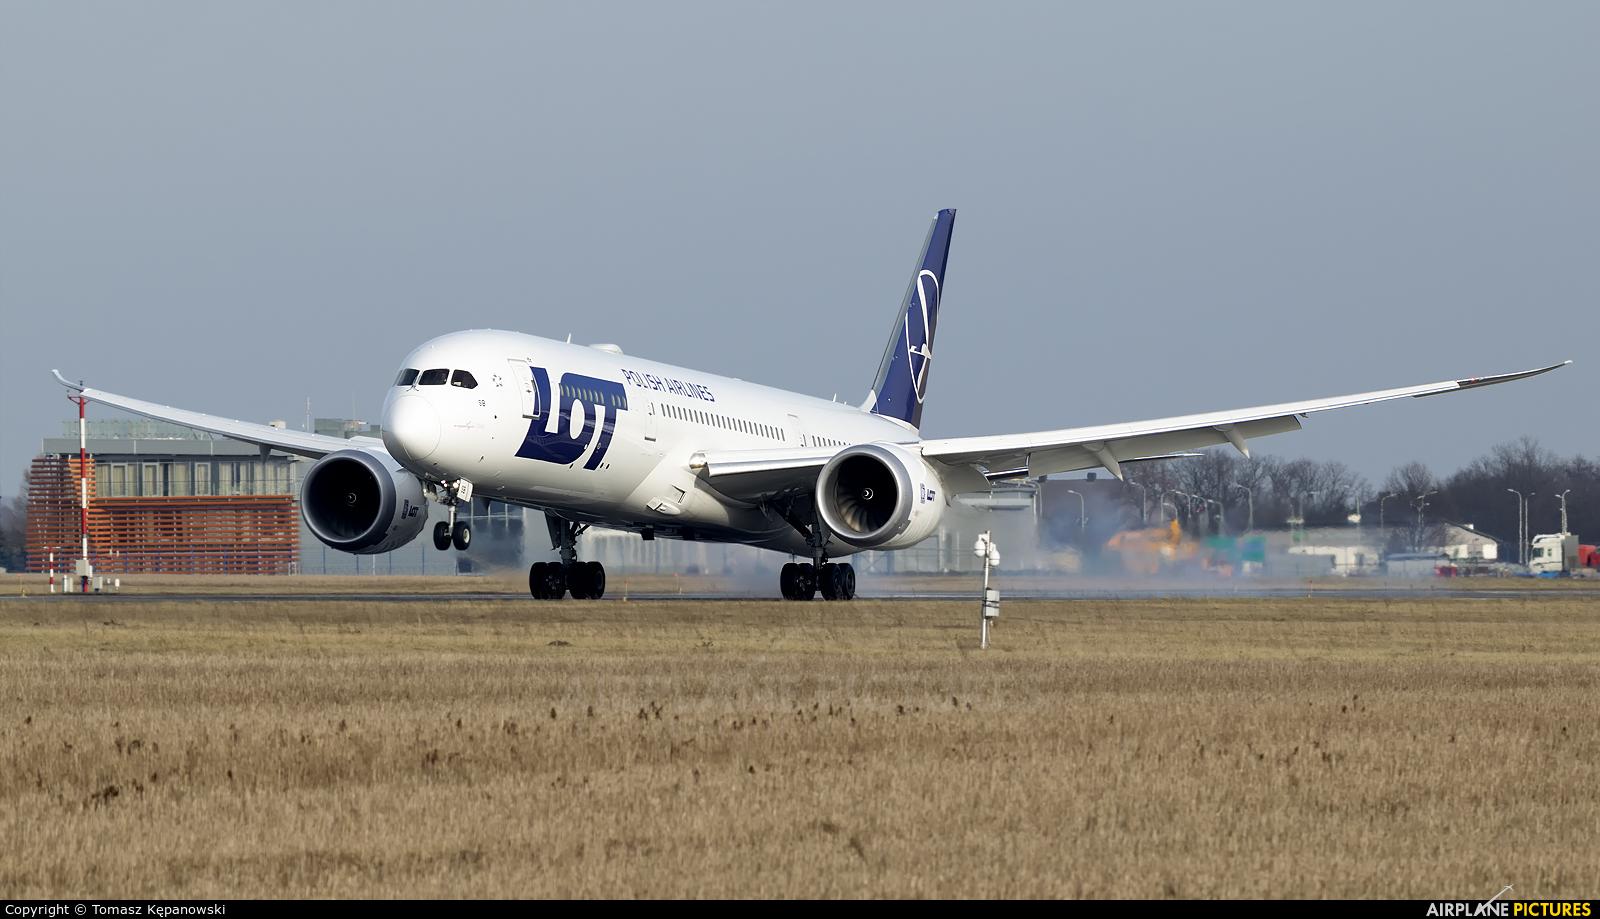 LOT - Polish Airlines SP-LSB aircraft at Rzeszów-Jasionka